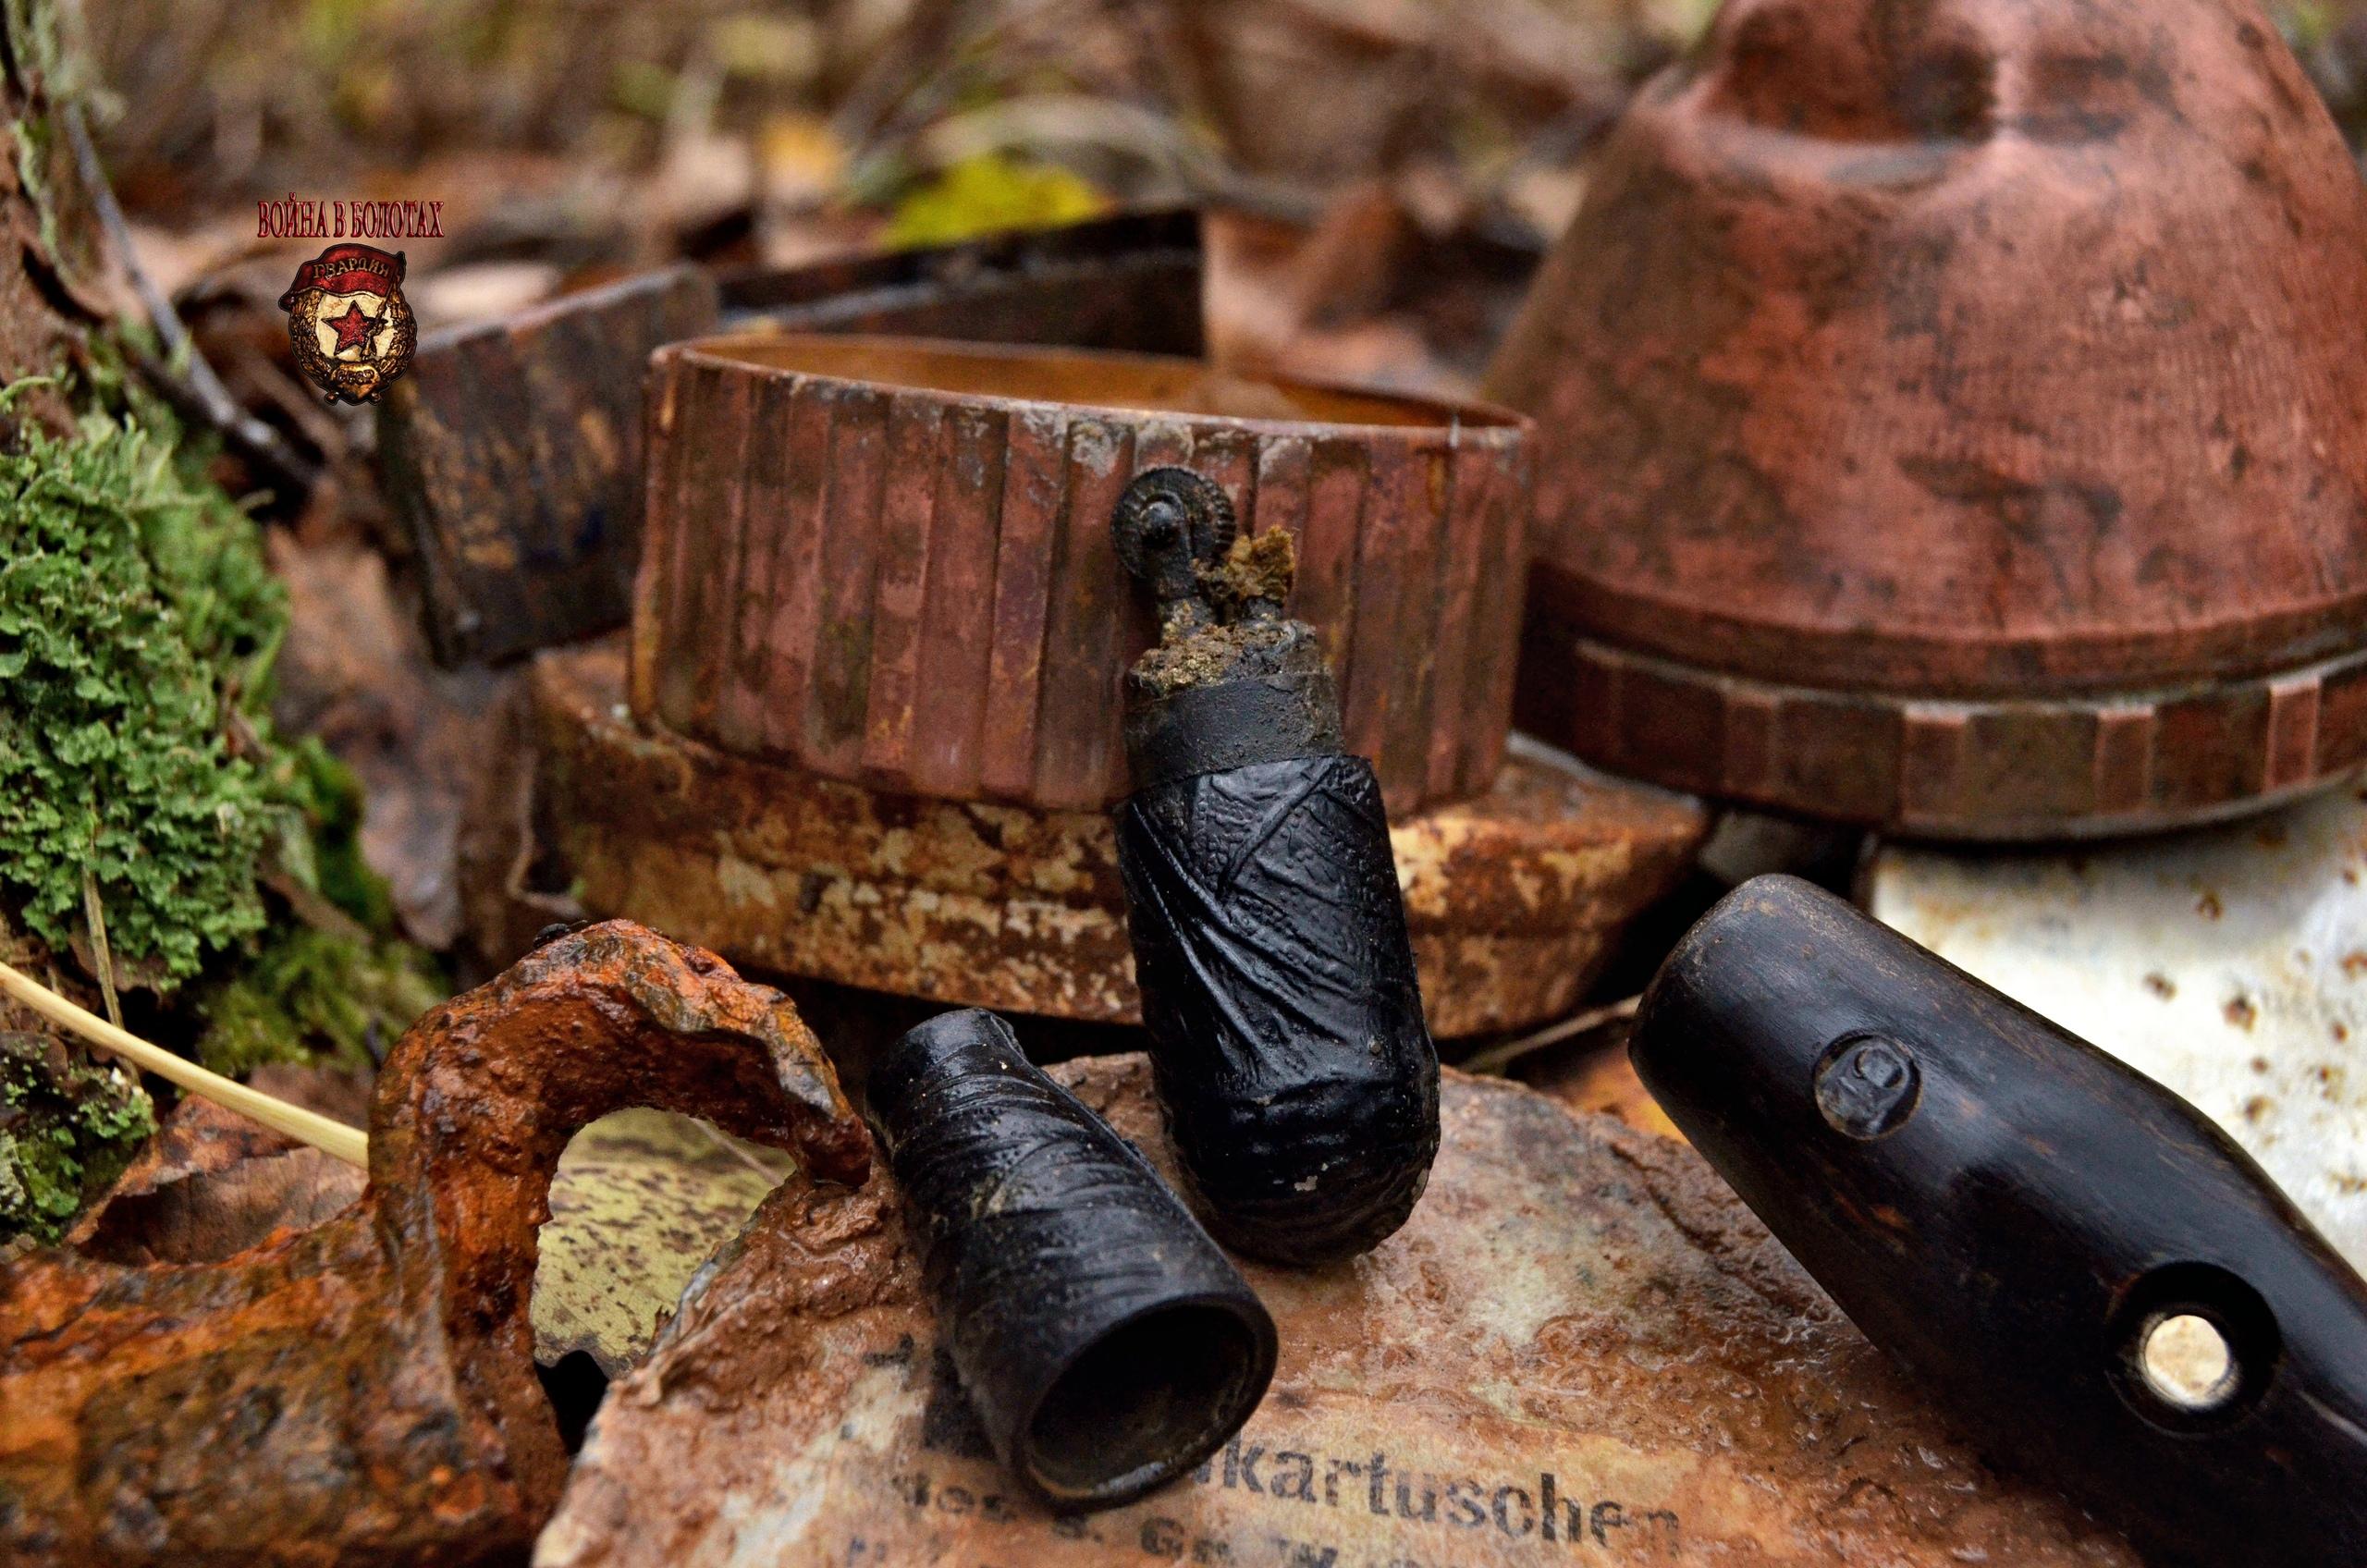 Fancy little German lighter